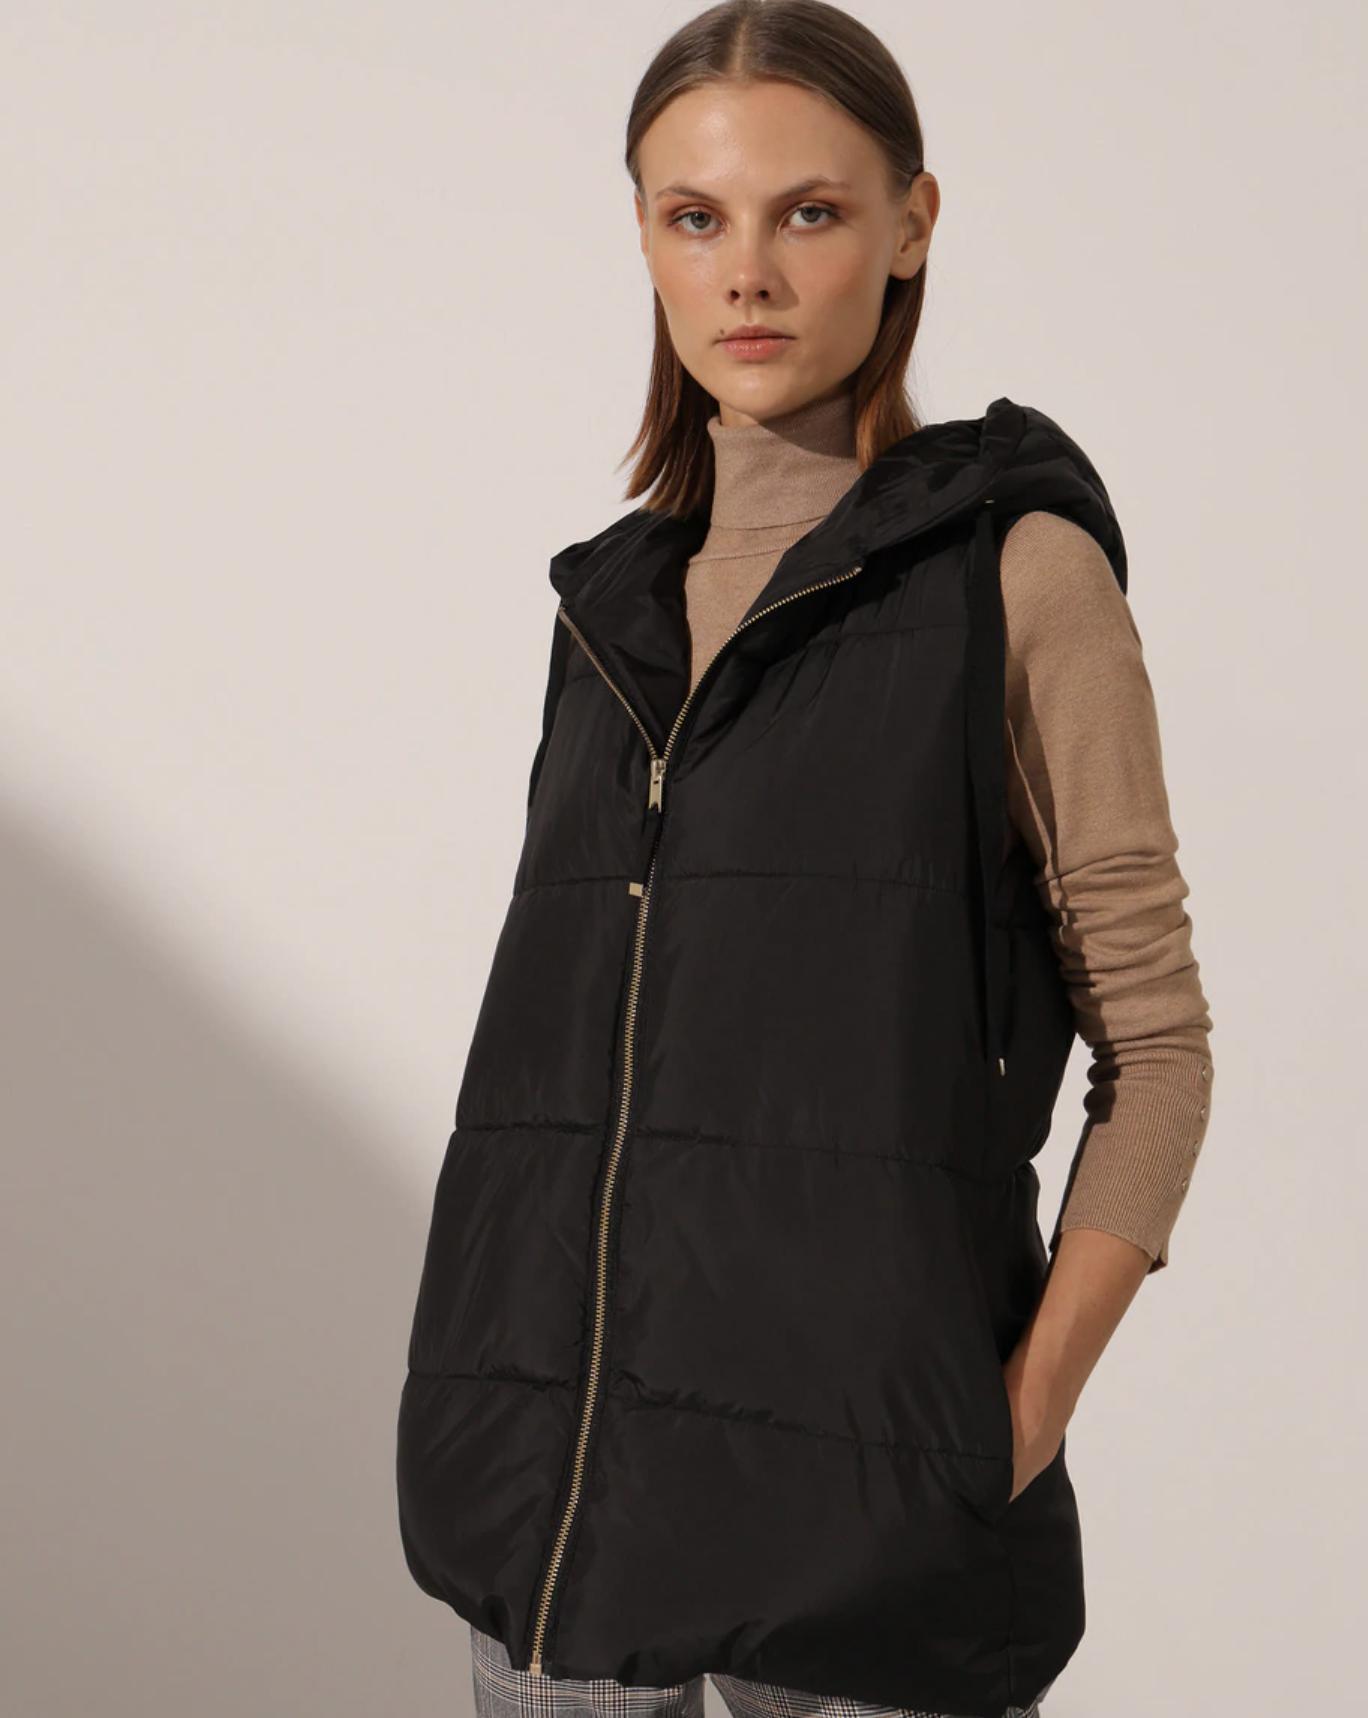 Chaleco acolchado de mujer con capucha